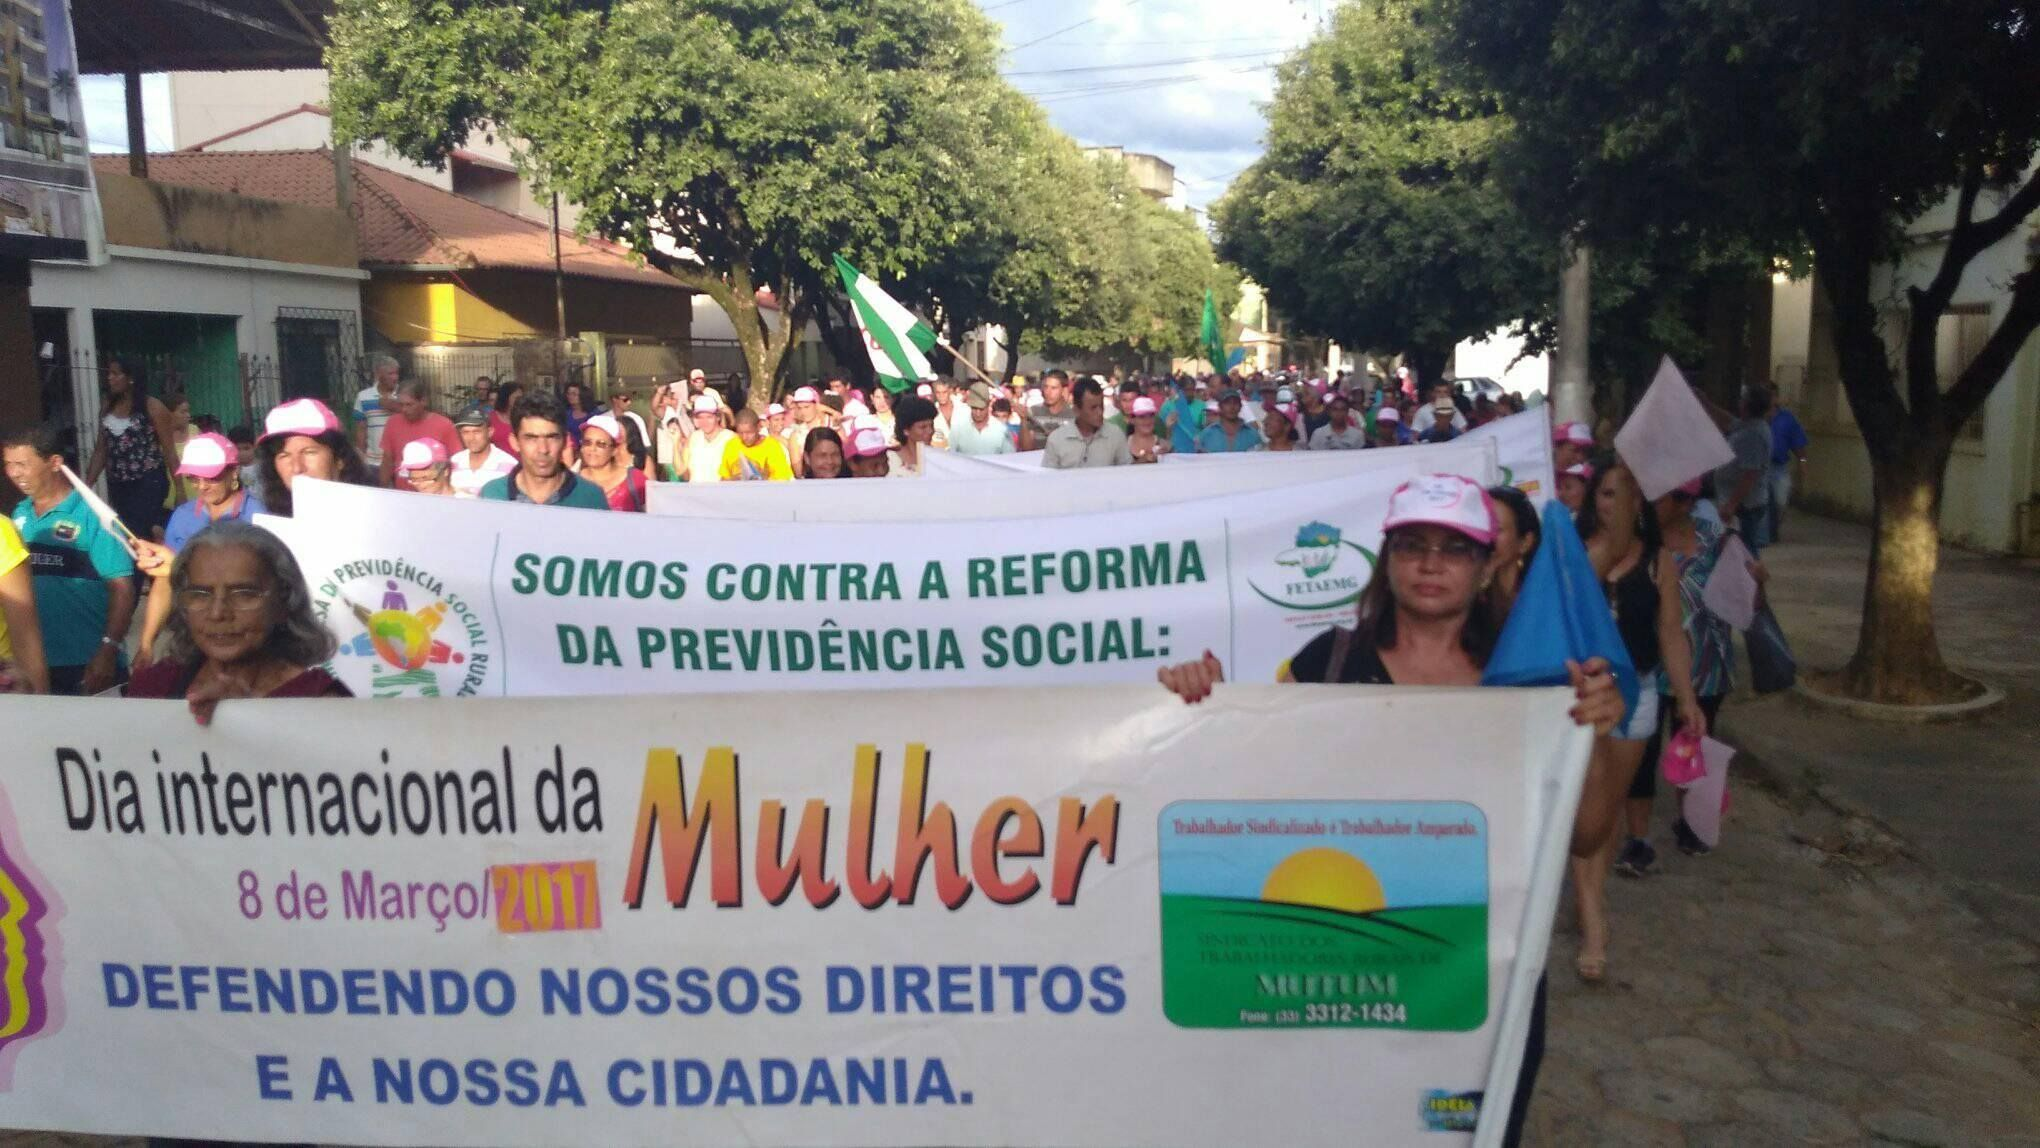 Homenagem às mulheres e manifestação contra reforma da previdência em Mutum.